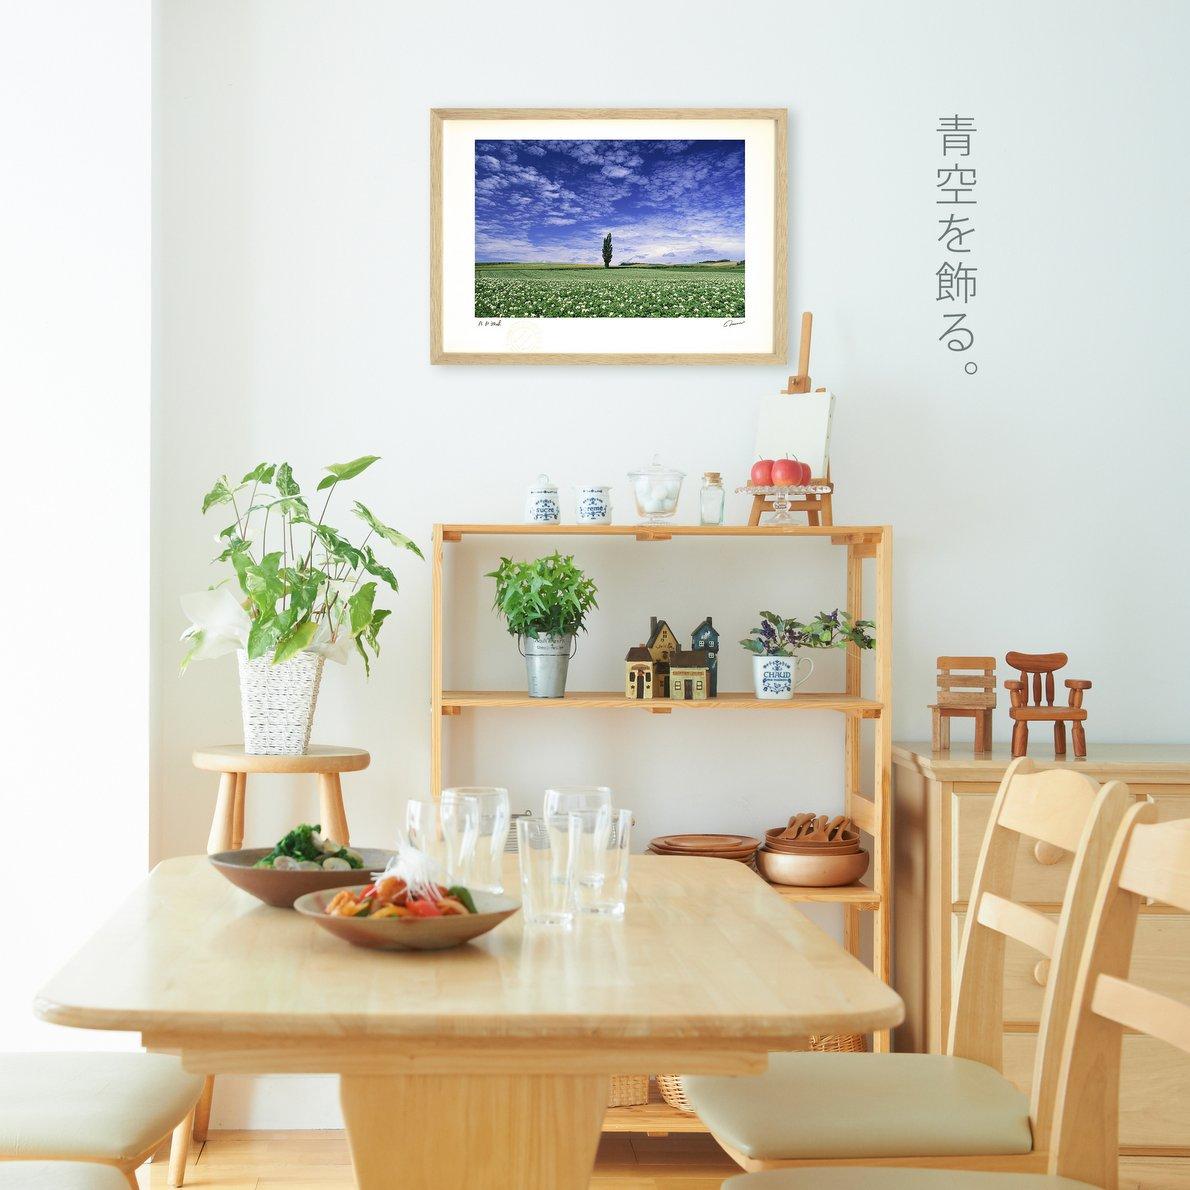 《アートフォト》【ベスト】ポブラ/美瑛町〔富良野・高橋真澄〕(レンタル対象)